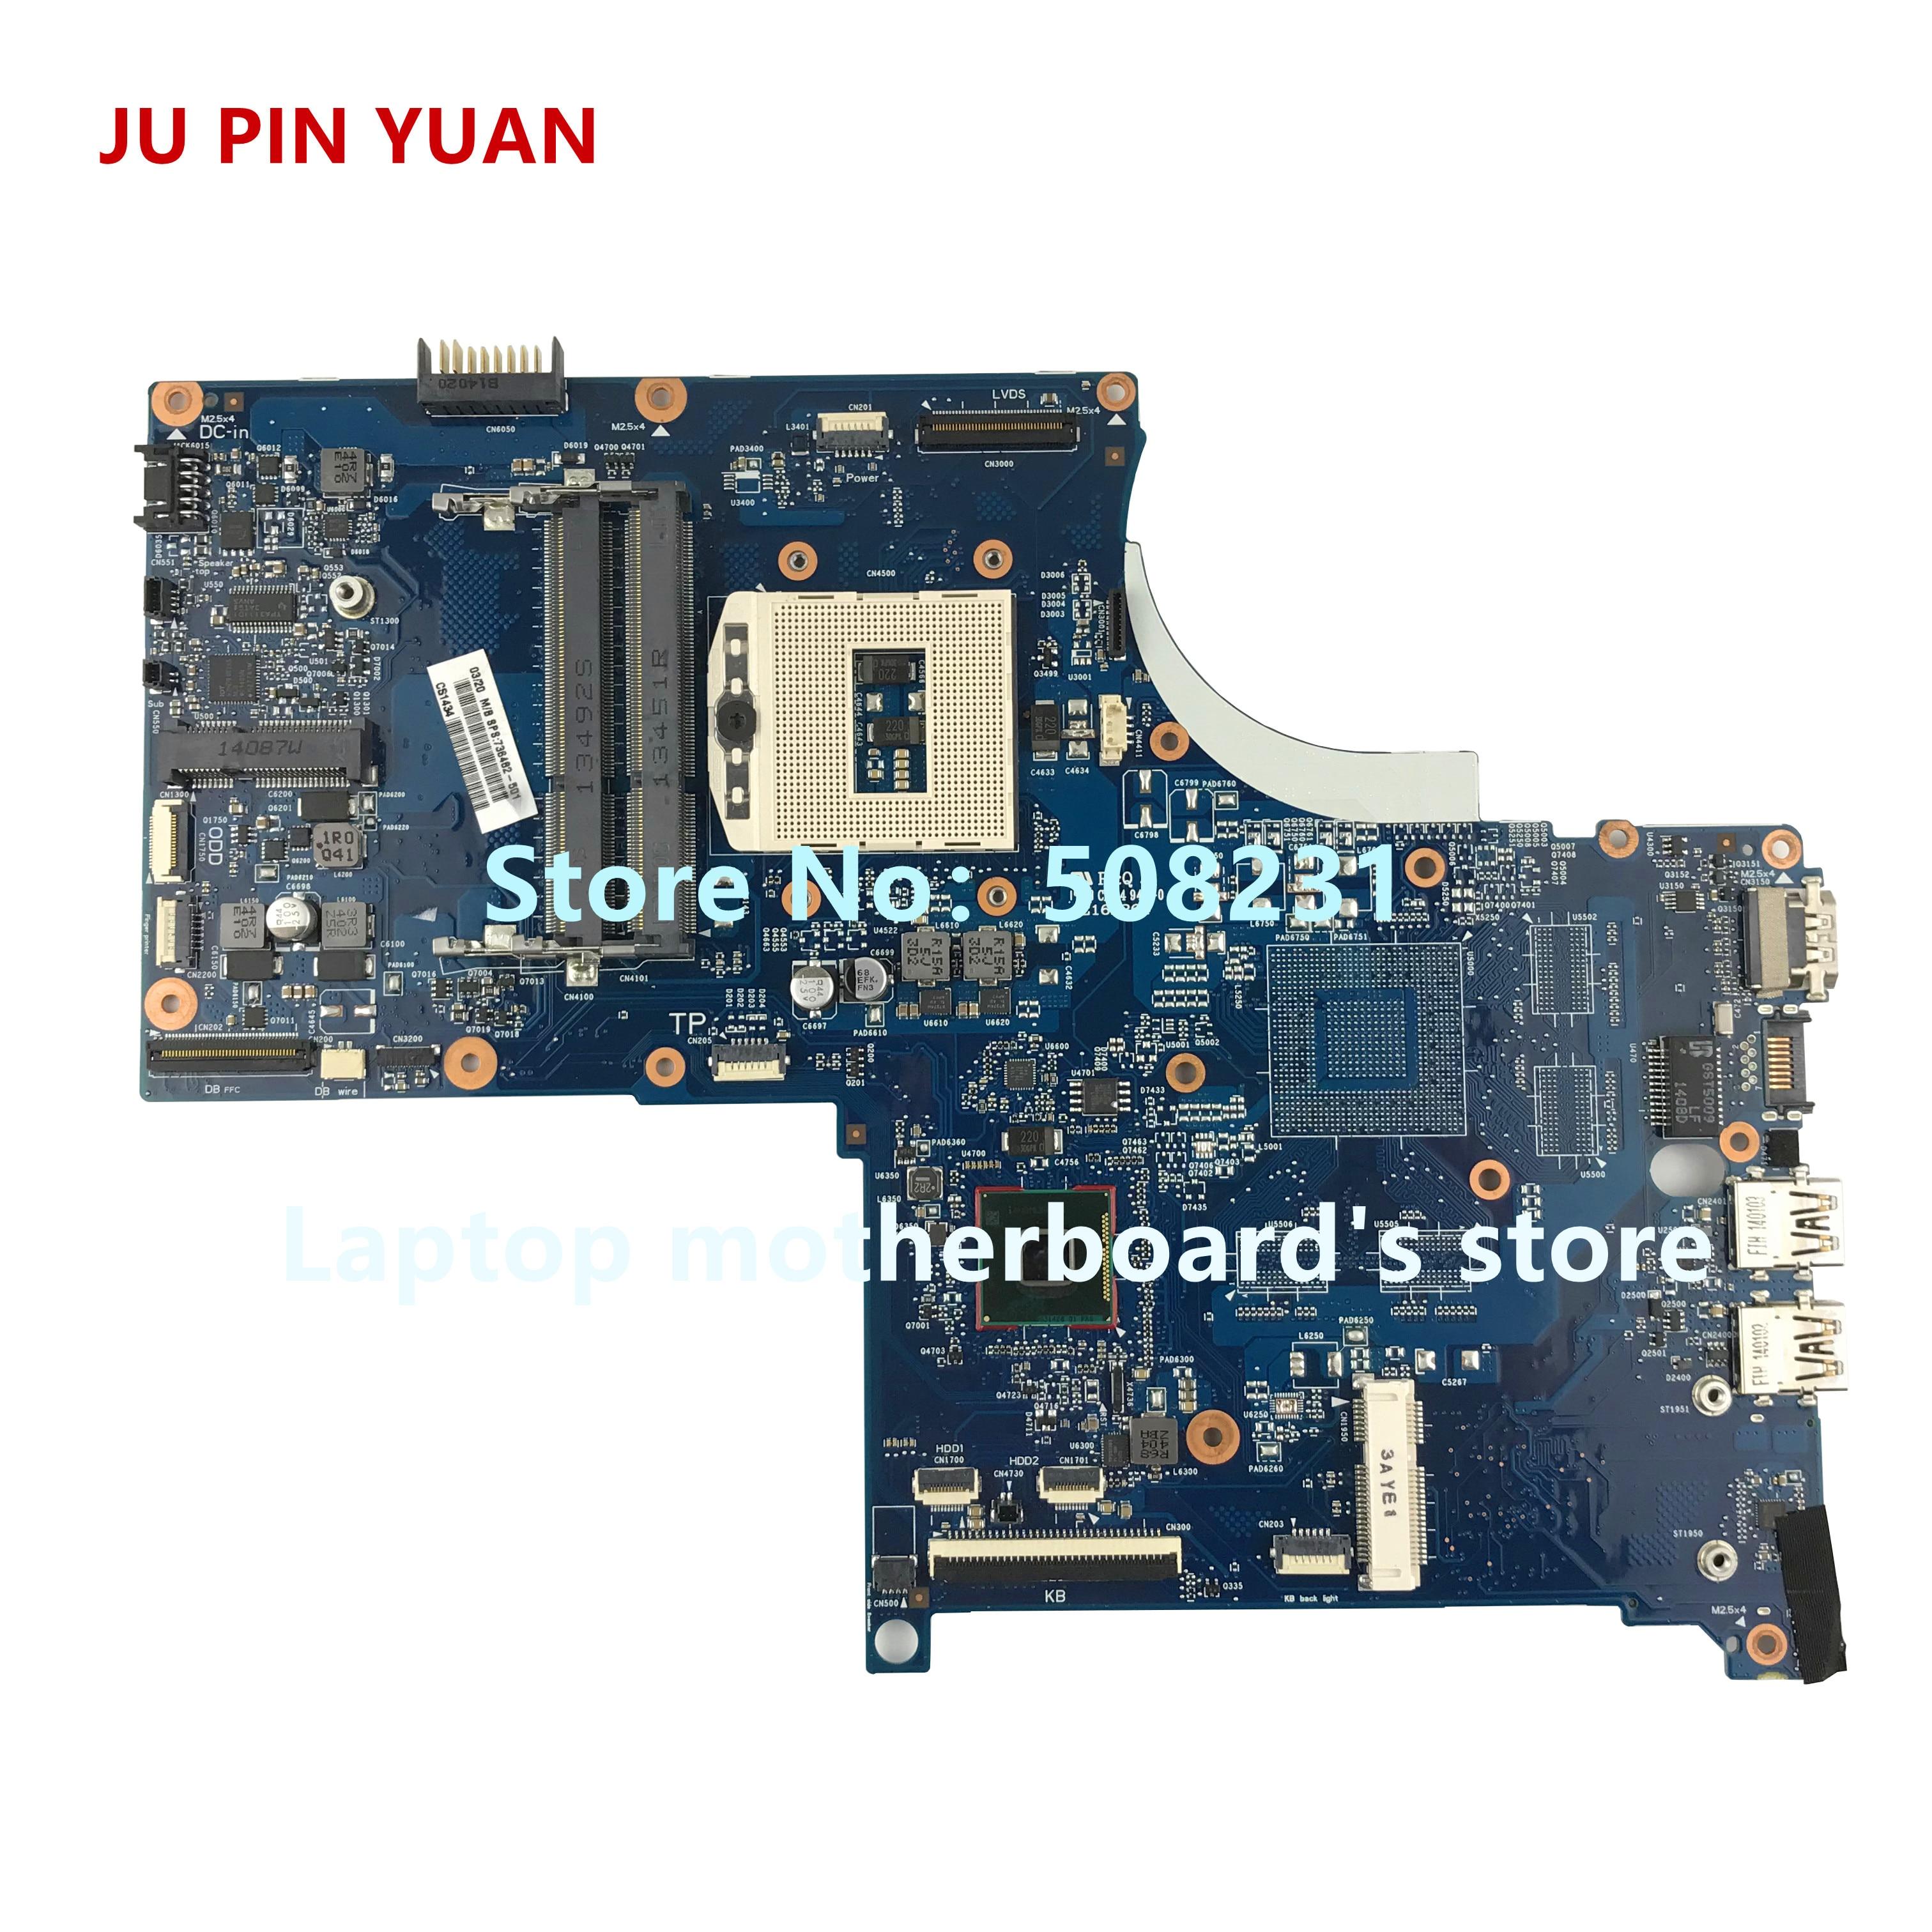 JU PIN YUAN 736482-501 736482-001 scheda madre del computer portatile con HM87 6050A2563801-MB-A02 per HP ENVY 17-J M7-J PGA947 completamente TestatoJU PIN YUAN 736482-501 736482-001 scheda madre del computer portatile con HM87 6050A2563801-MB-A02 per HP ENVY 17-J M7-J PGA947 completamente Testato